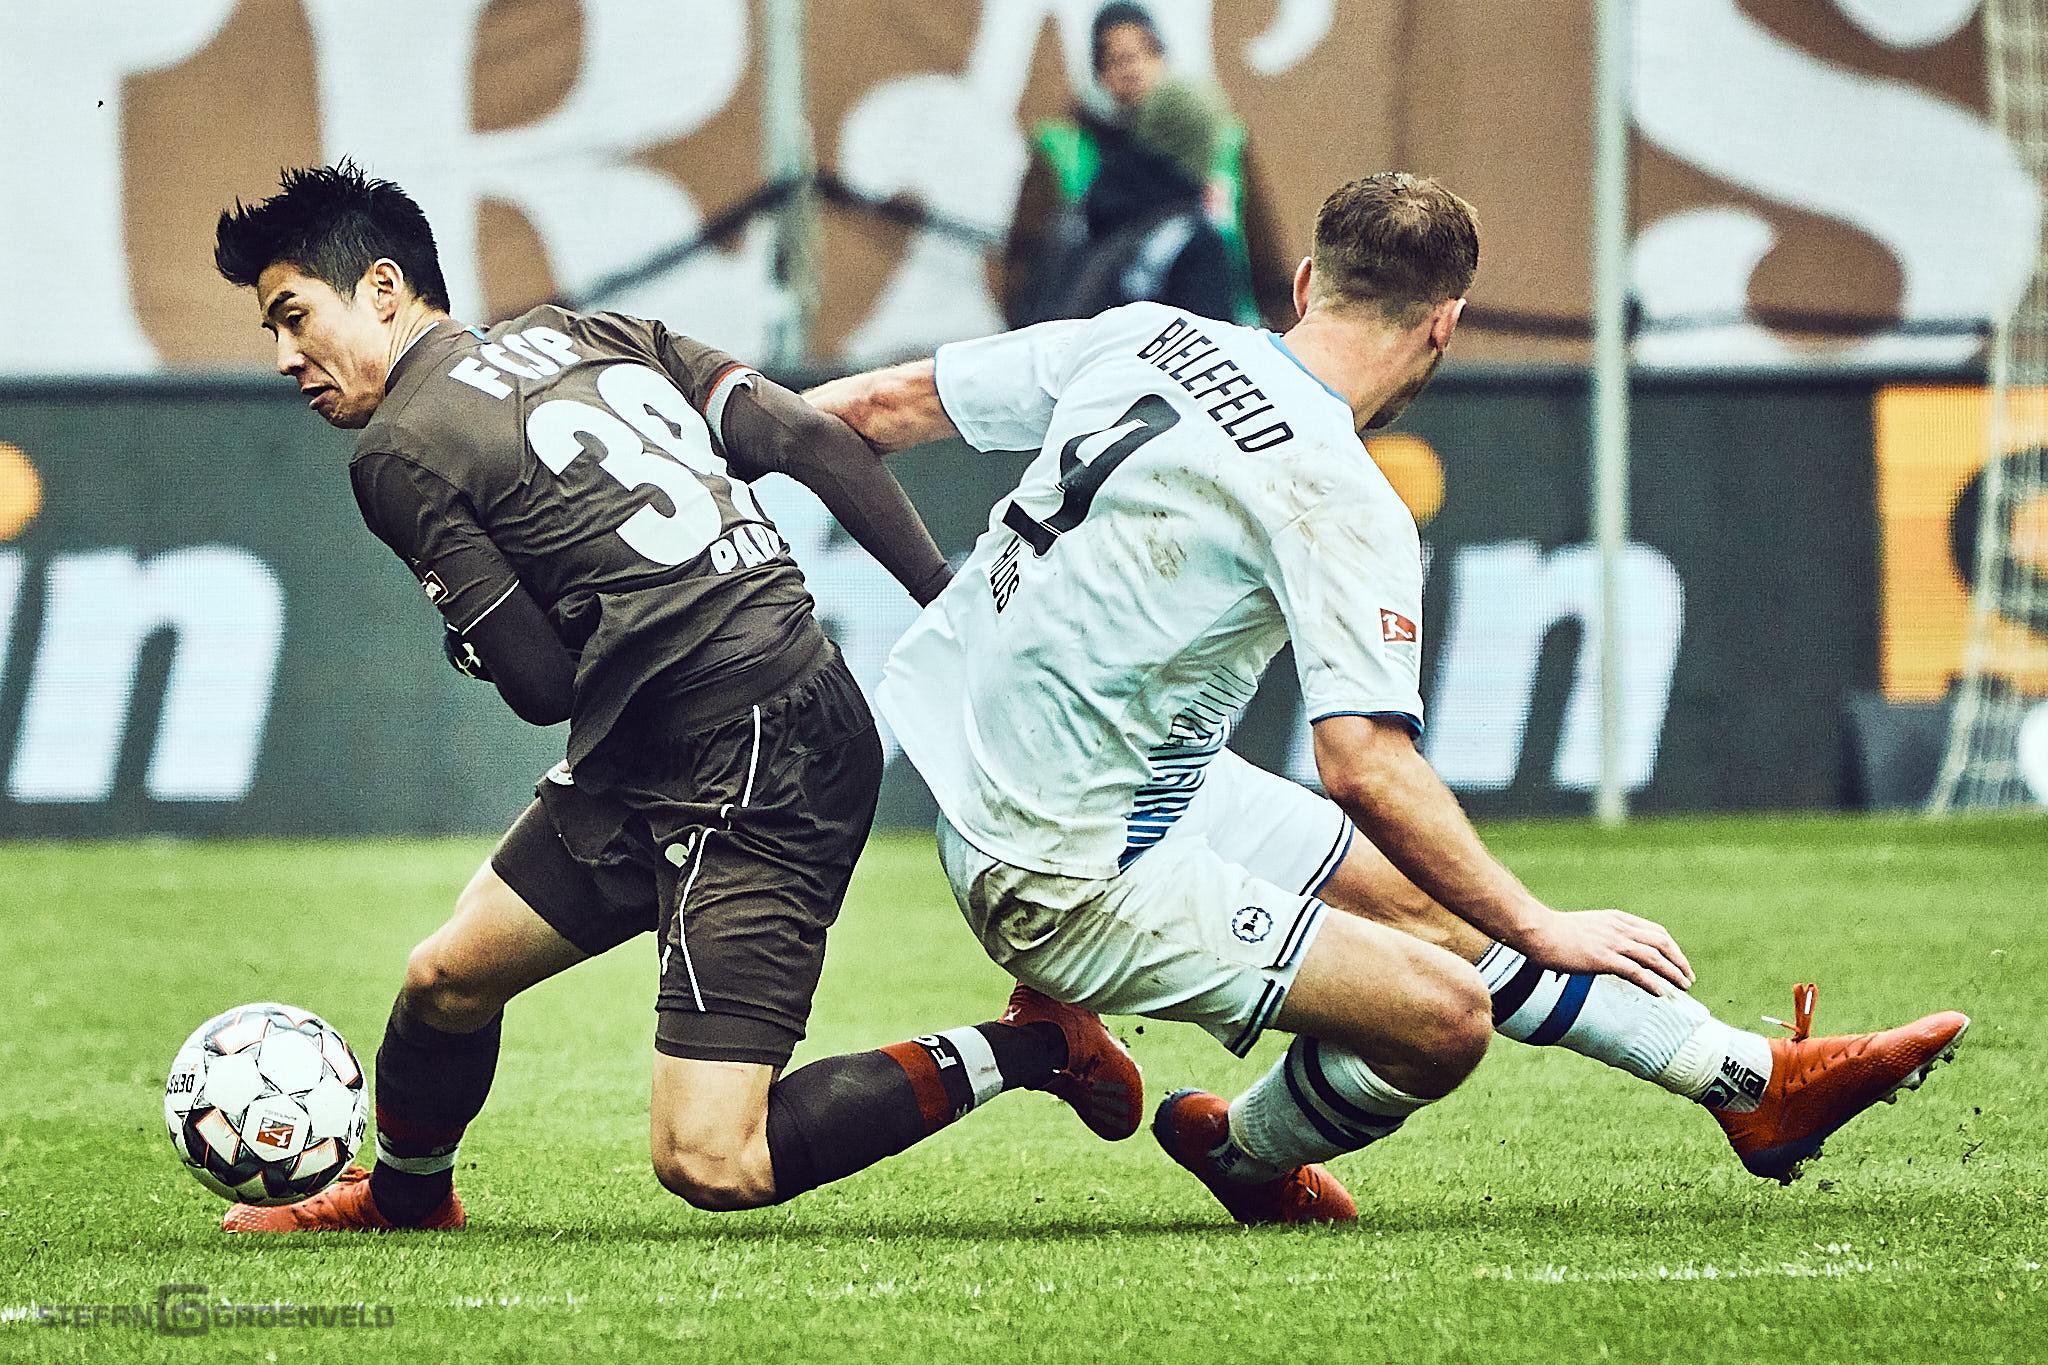 Nach dem Spiel – Arminia Bielefeld (H) – Spieltag 29 – Saison 2018/19